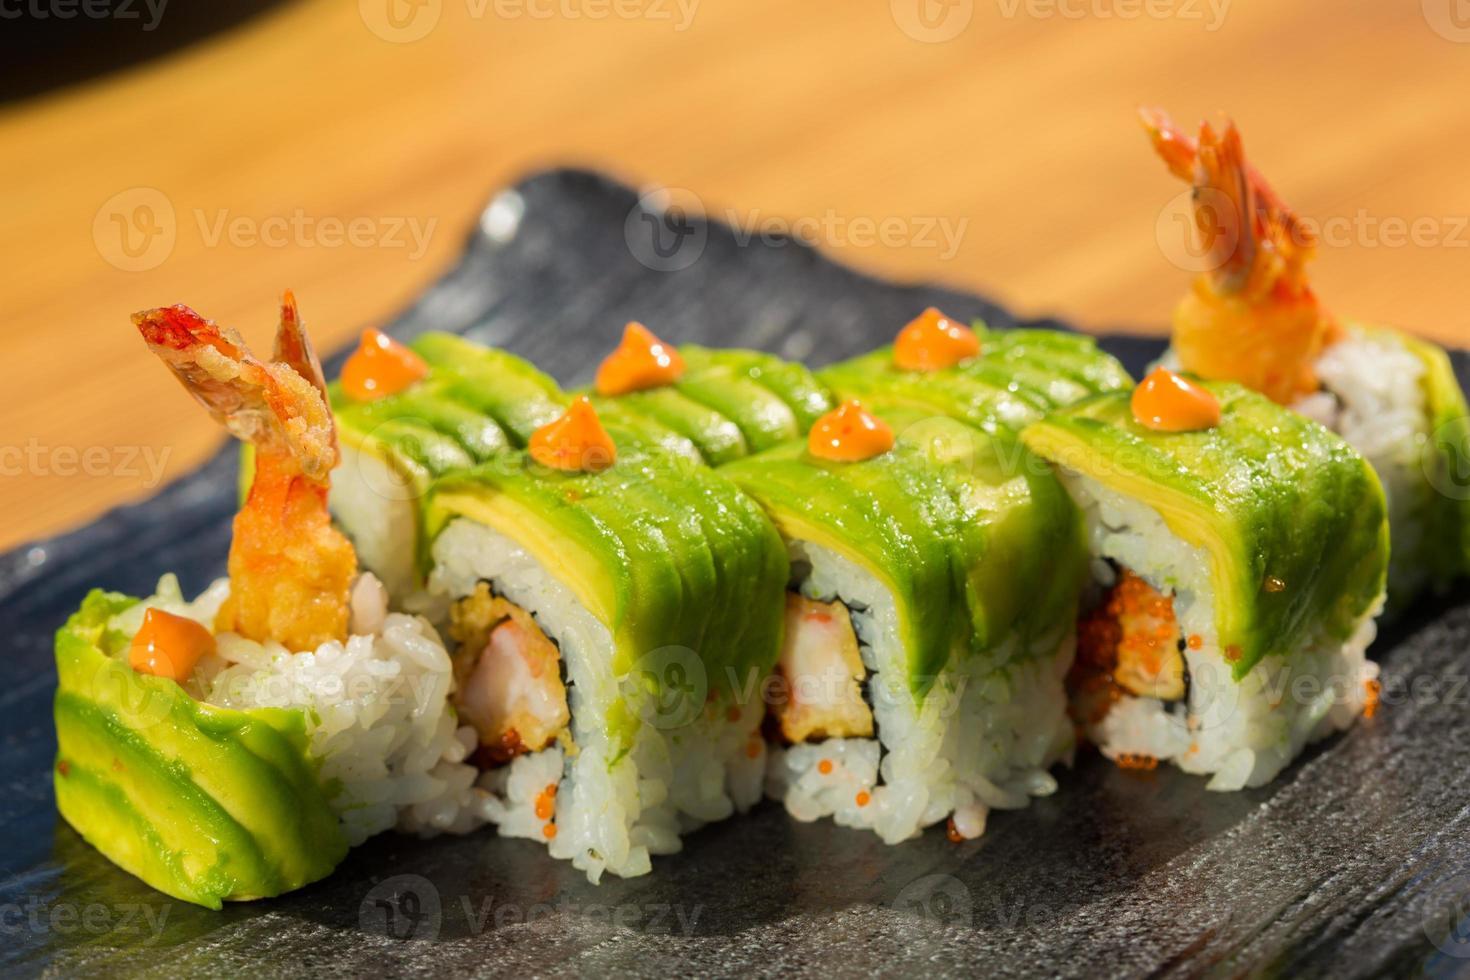 biologische sushi roll met garnalen tempura in restaurant foto